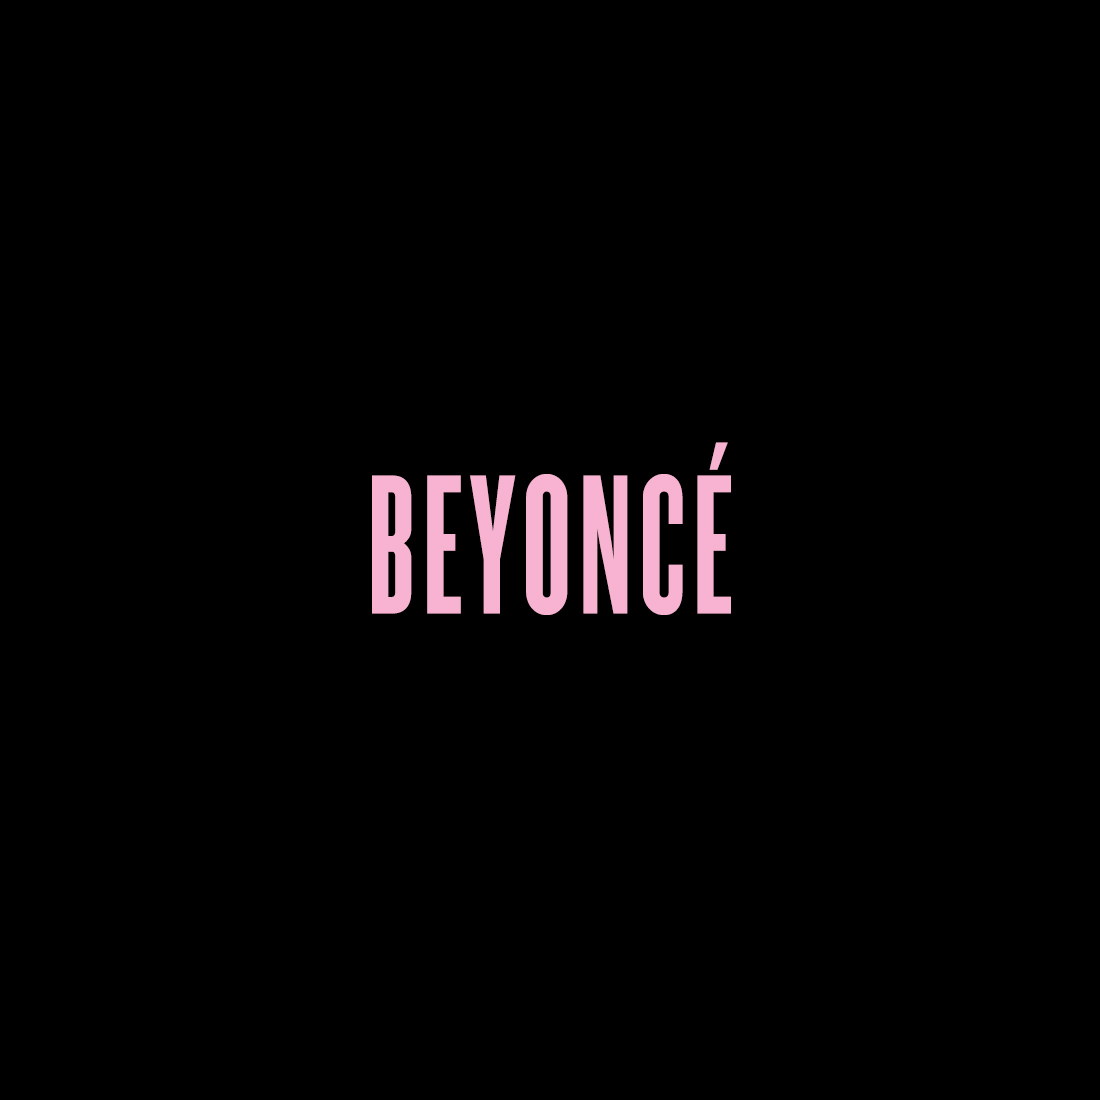 Beyonce_AlbumCover